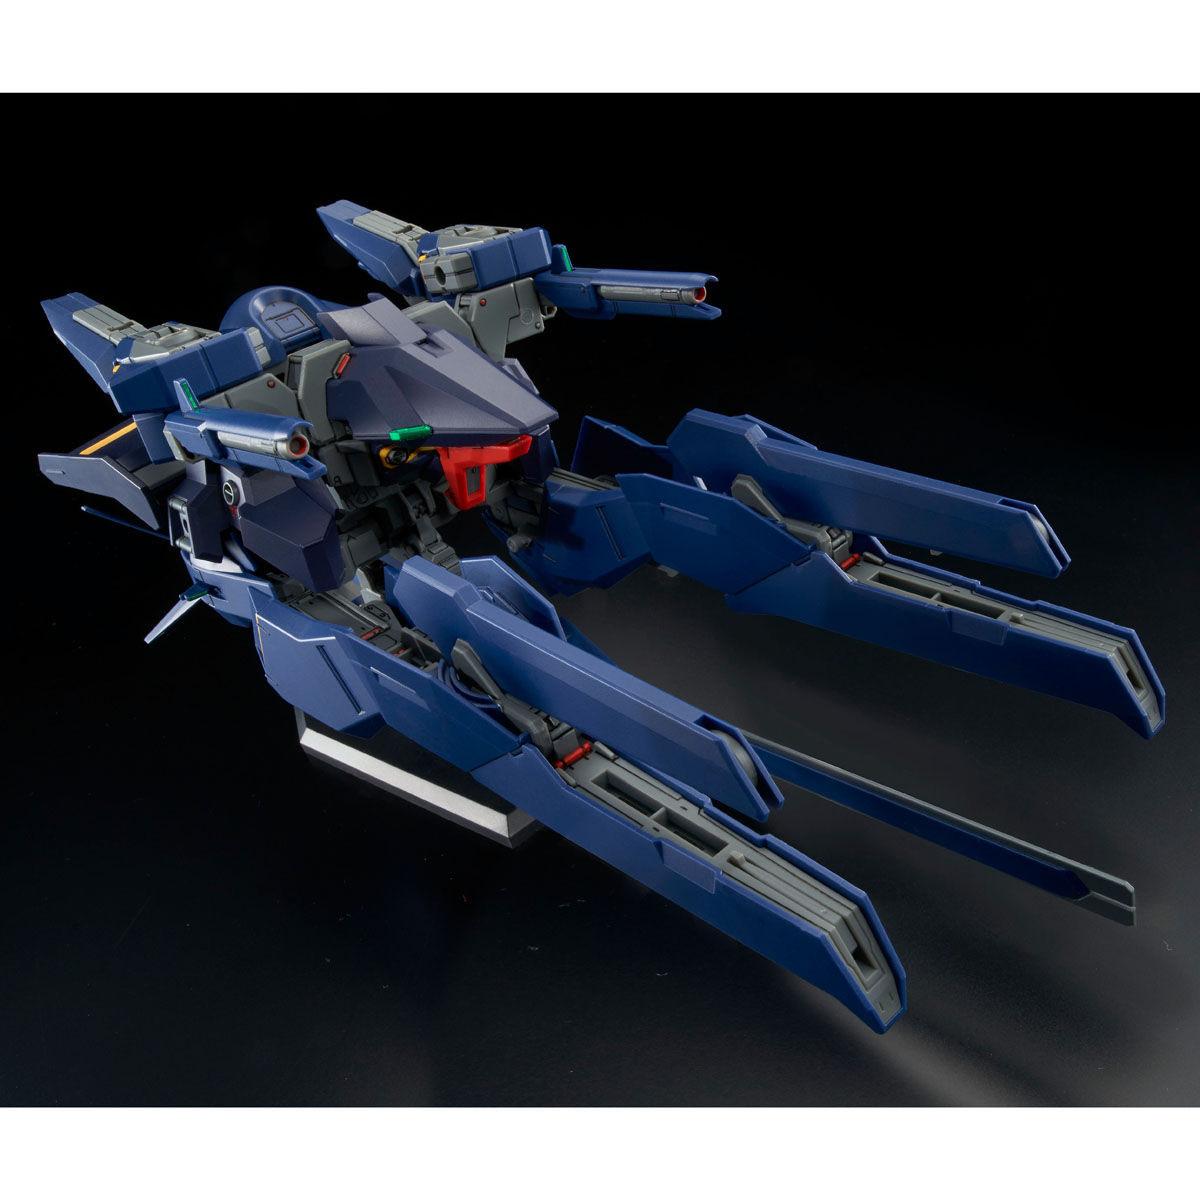 【限定販売】HG 1/144『ガンダムTR-6[ハイゼンスレイII]』プラモデル-007